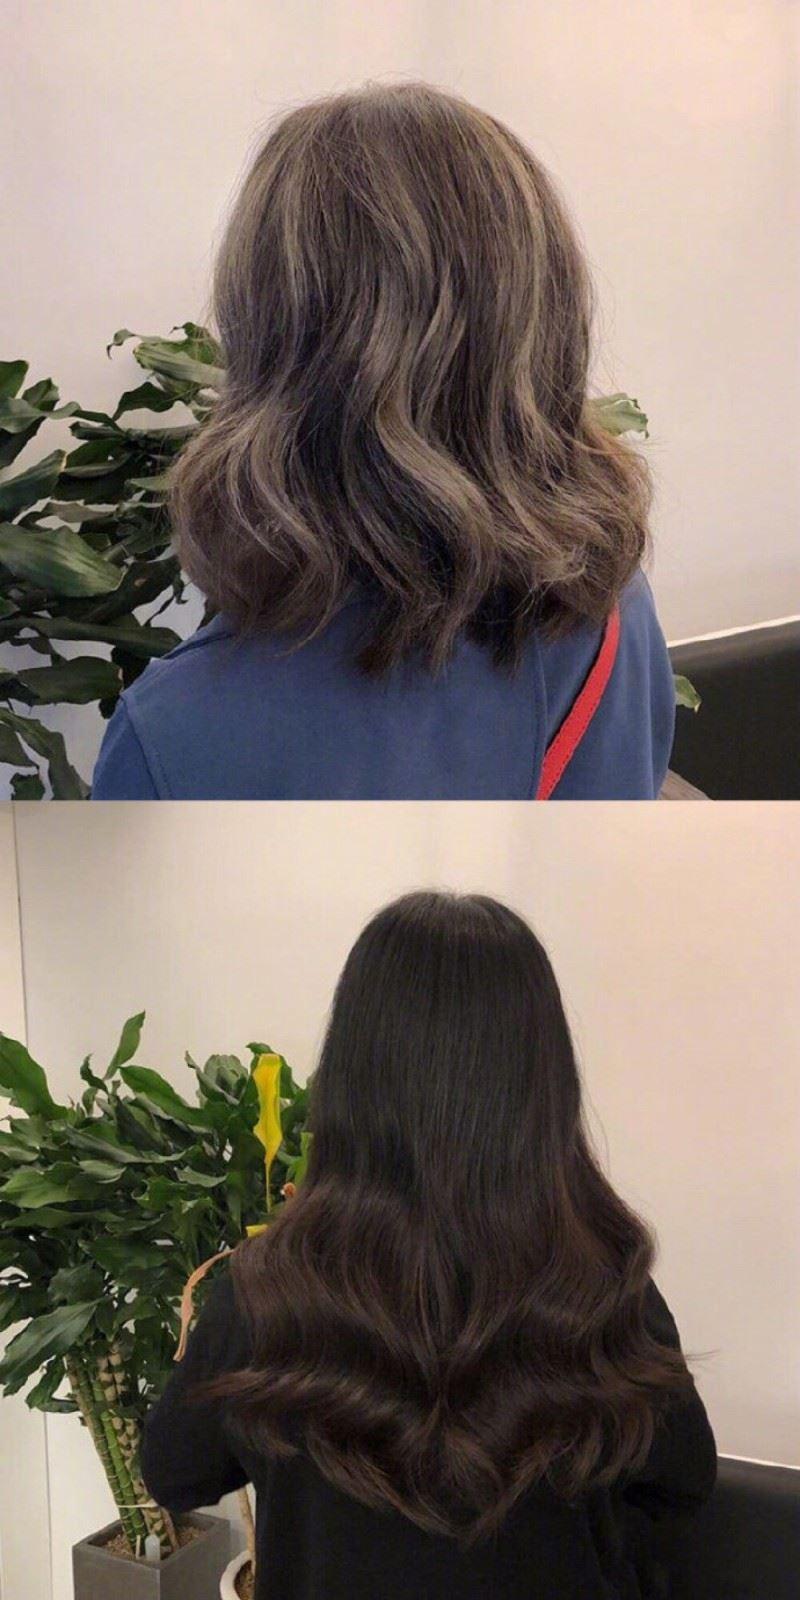 卷发的各种发型发色图片,经典好看的女生卷发发型发色美图